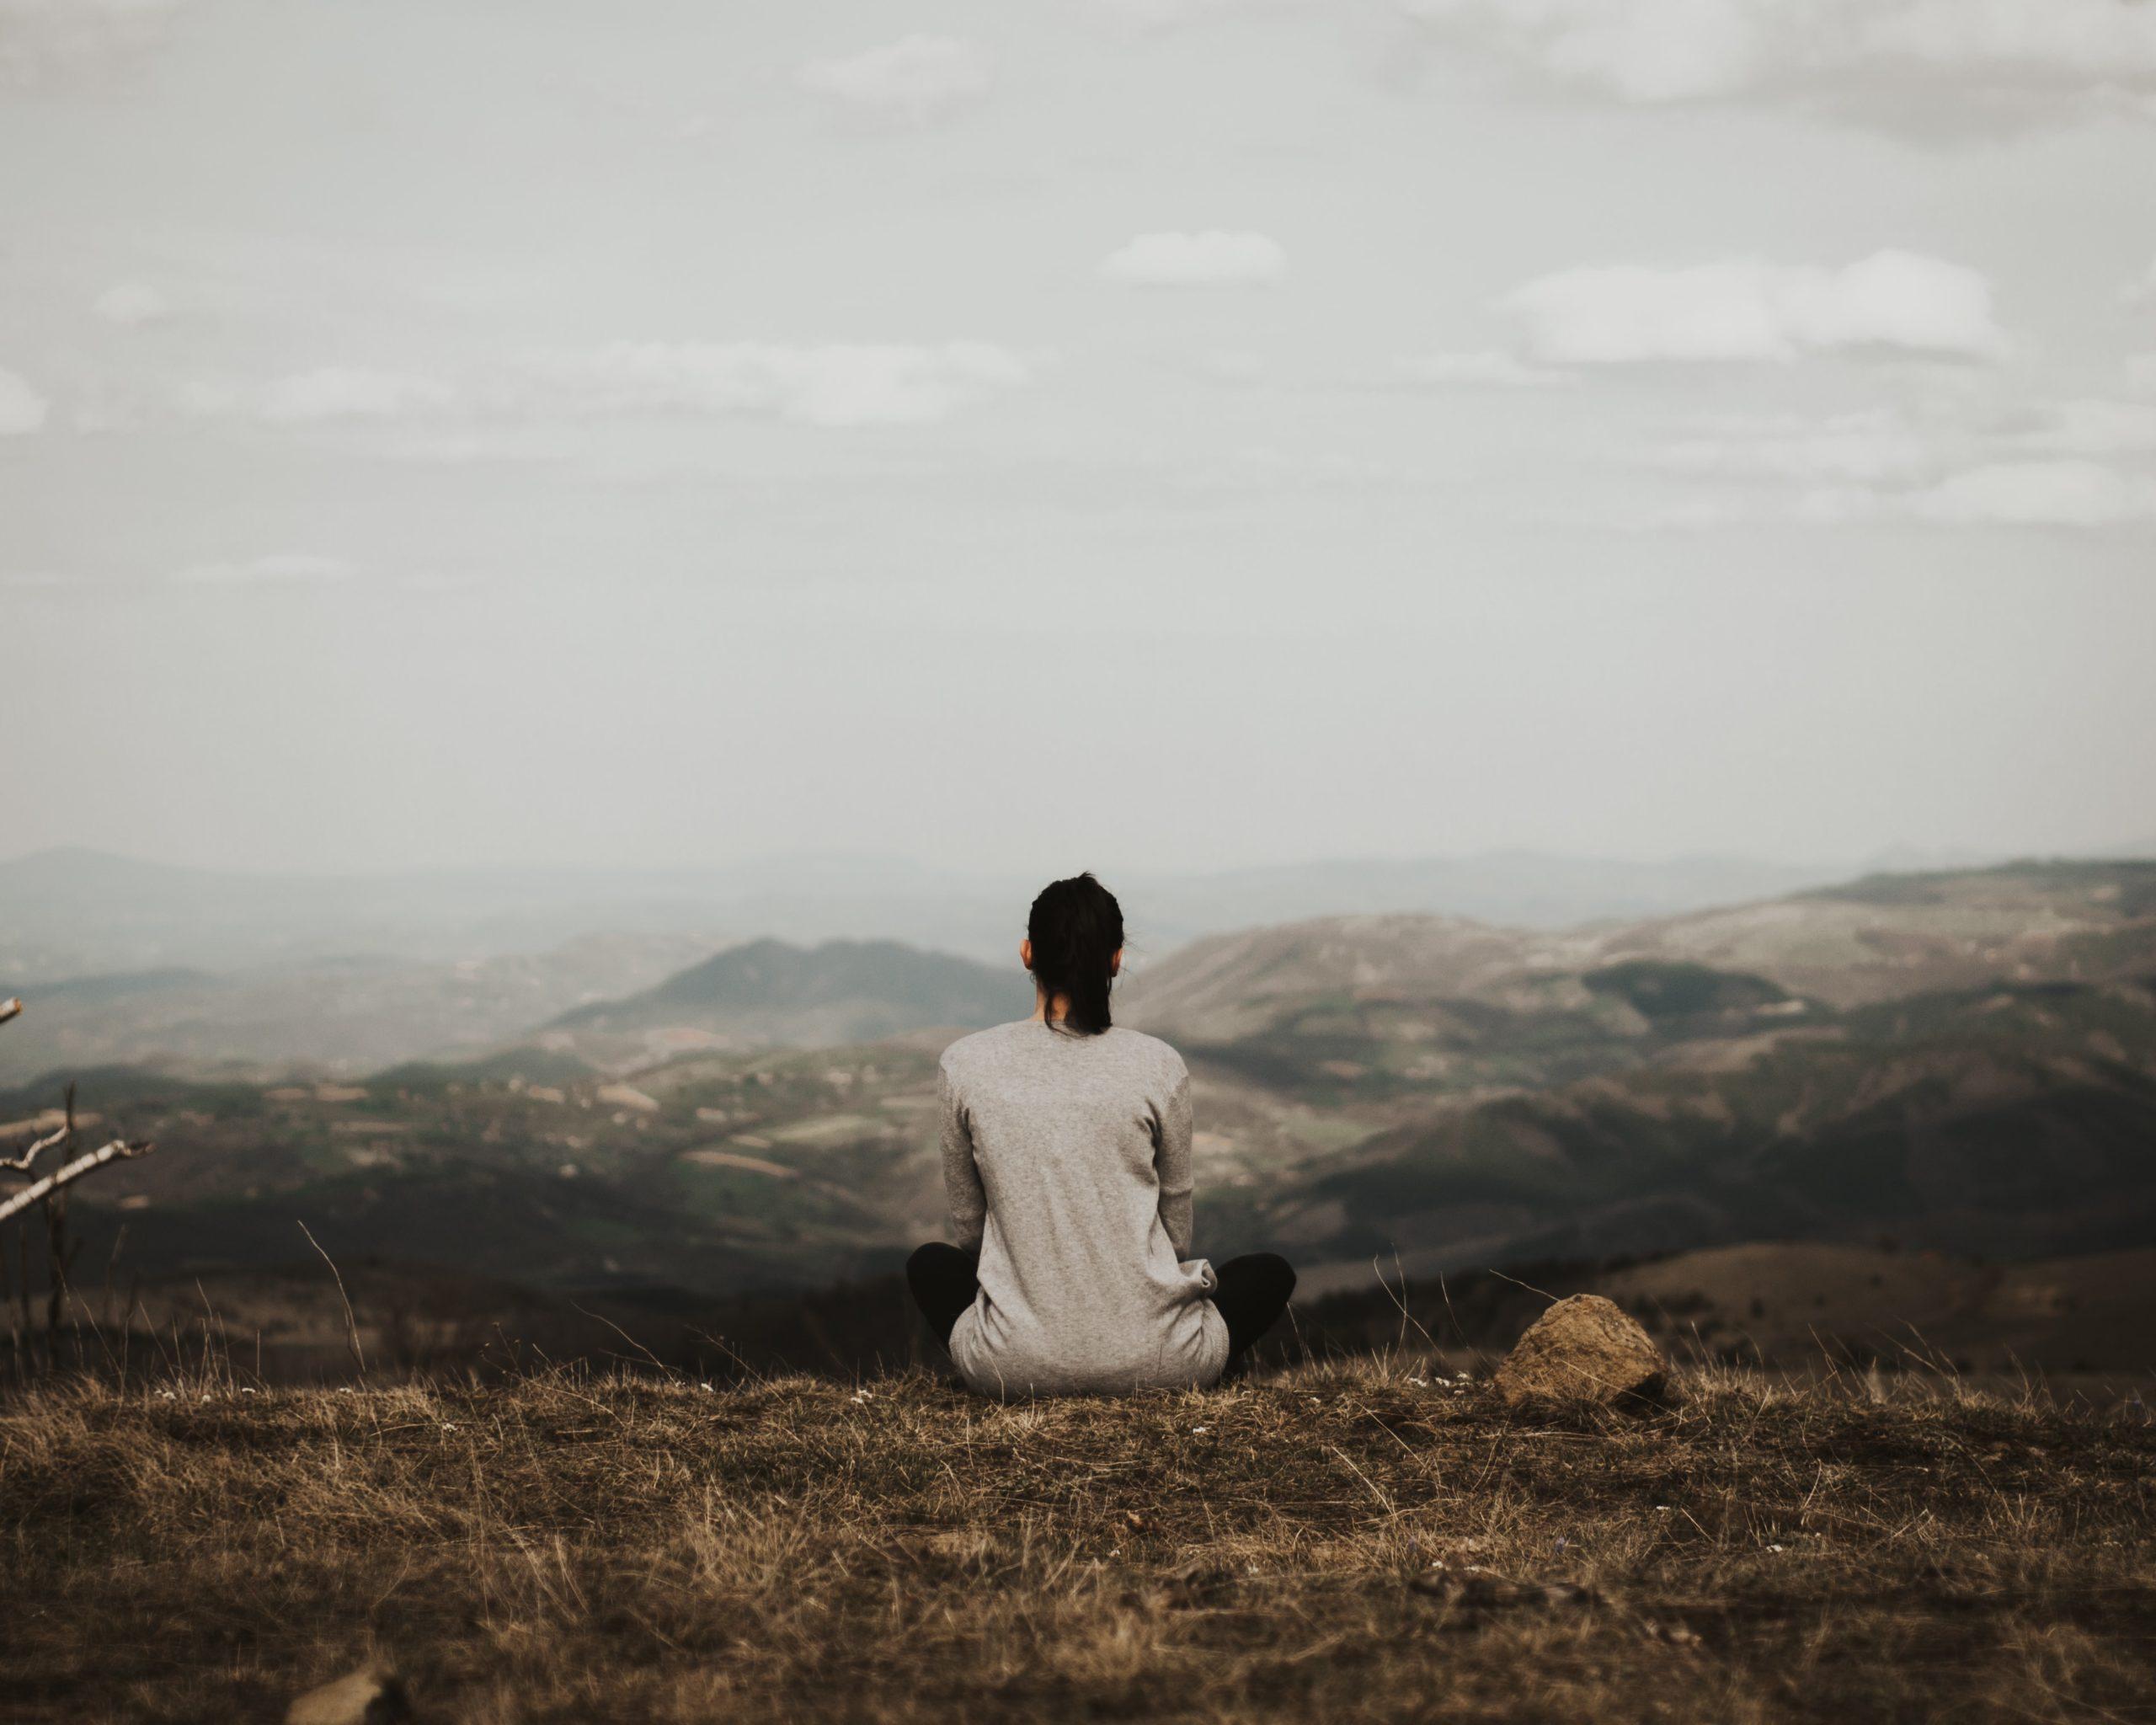 Femme assise face à un paysage